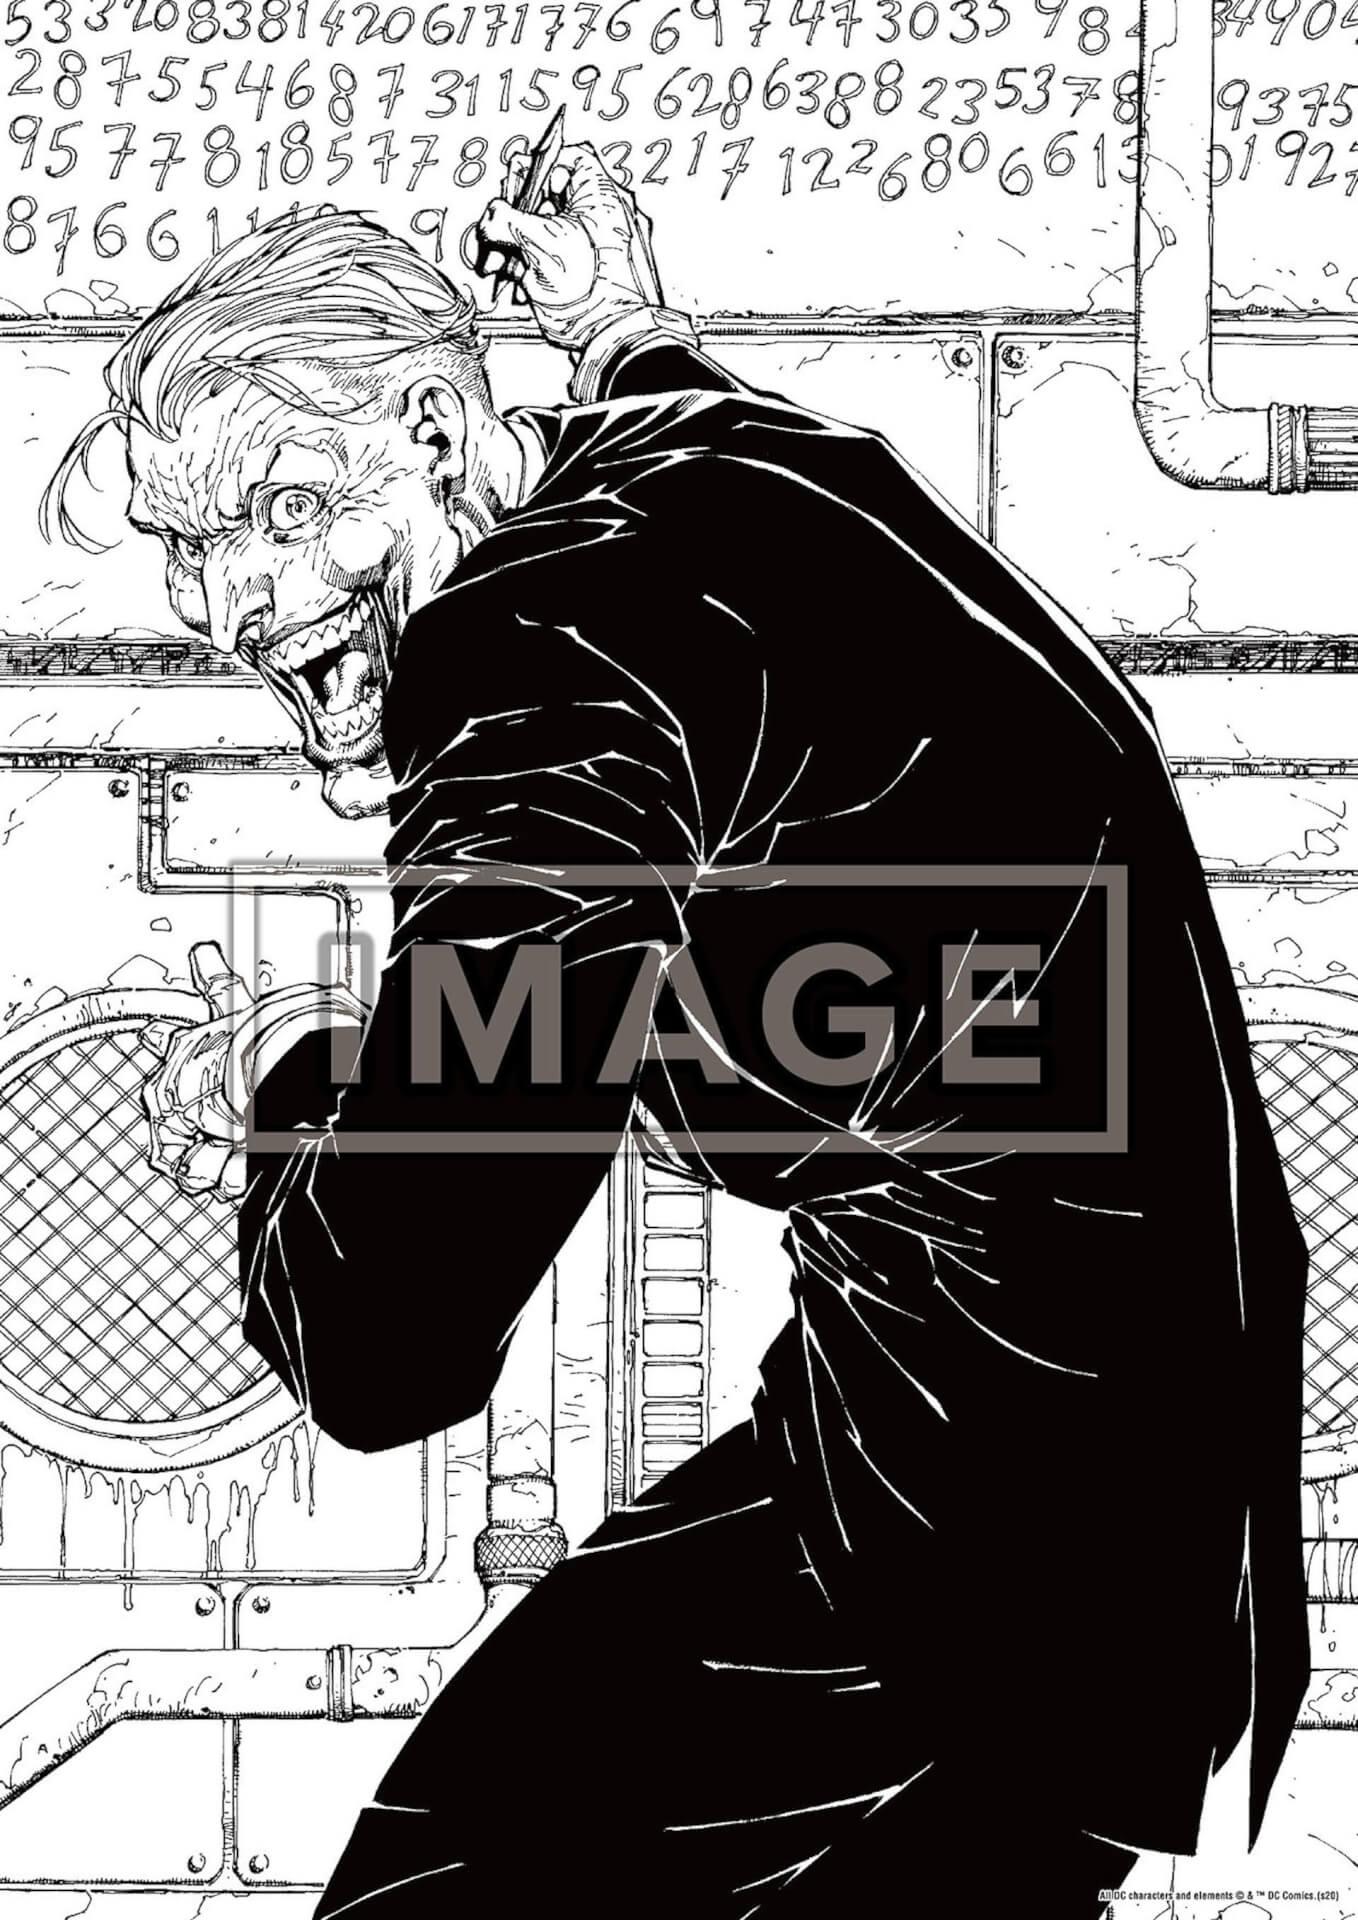 『ワンダーウーマン 1984』劇場公開記念!スーパーマン、バットマン、ジョーカーら人気DCキャラのBE@RBRICKや限定ポスターが当たるHappyくじが発売 art201216_dc_bearbrick_17